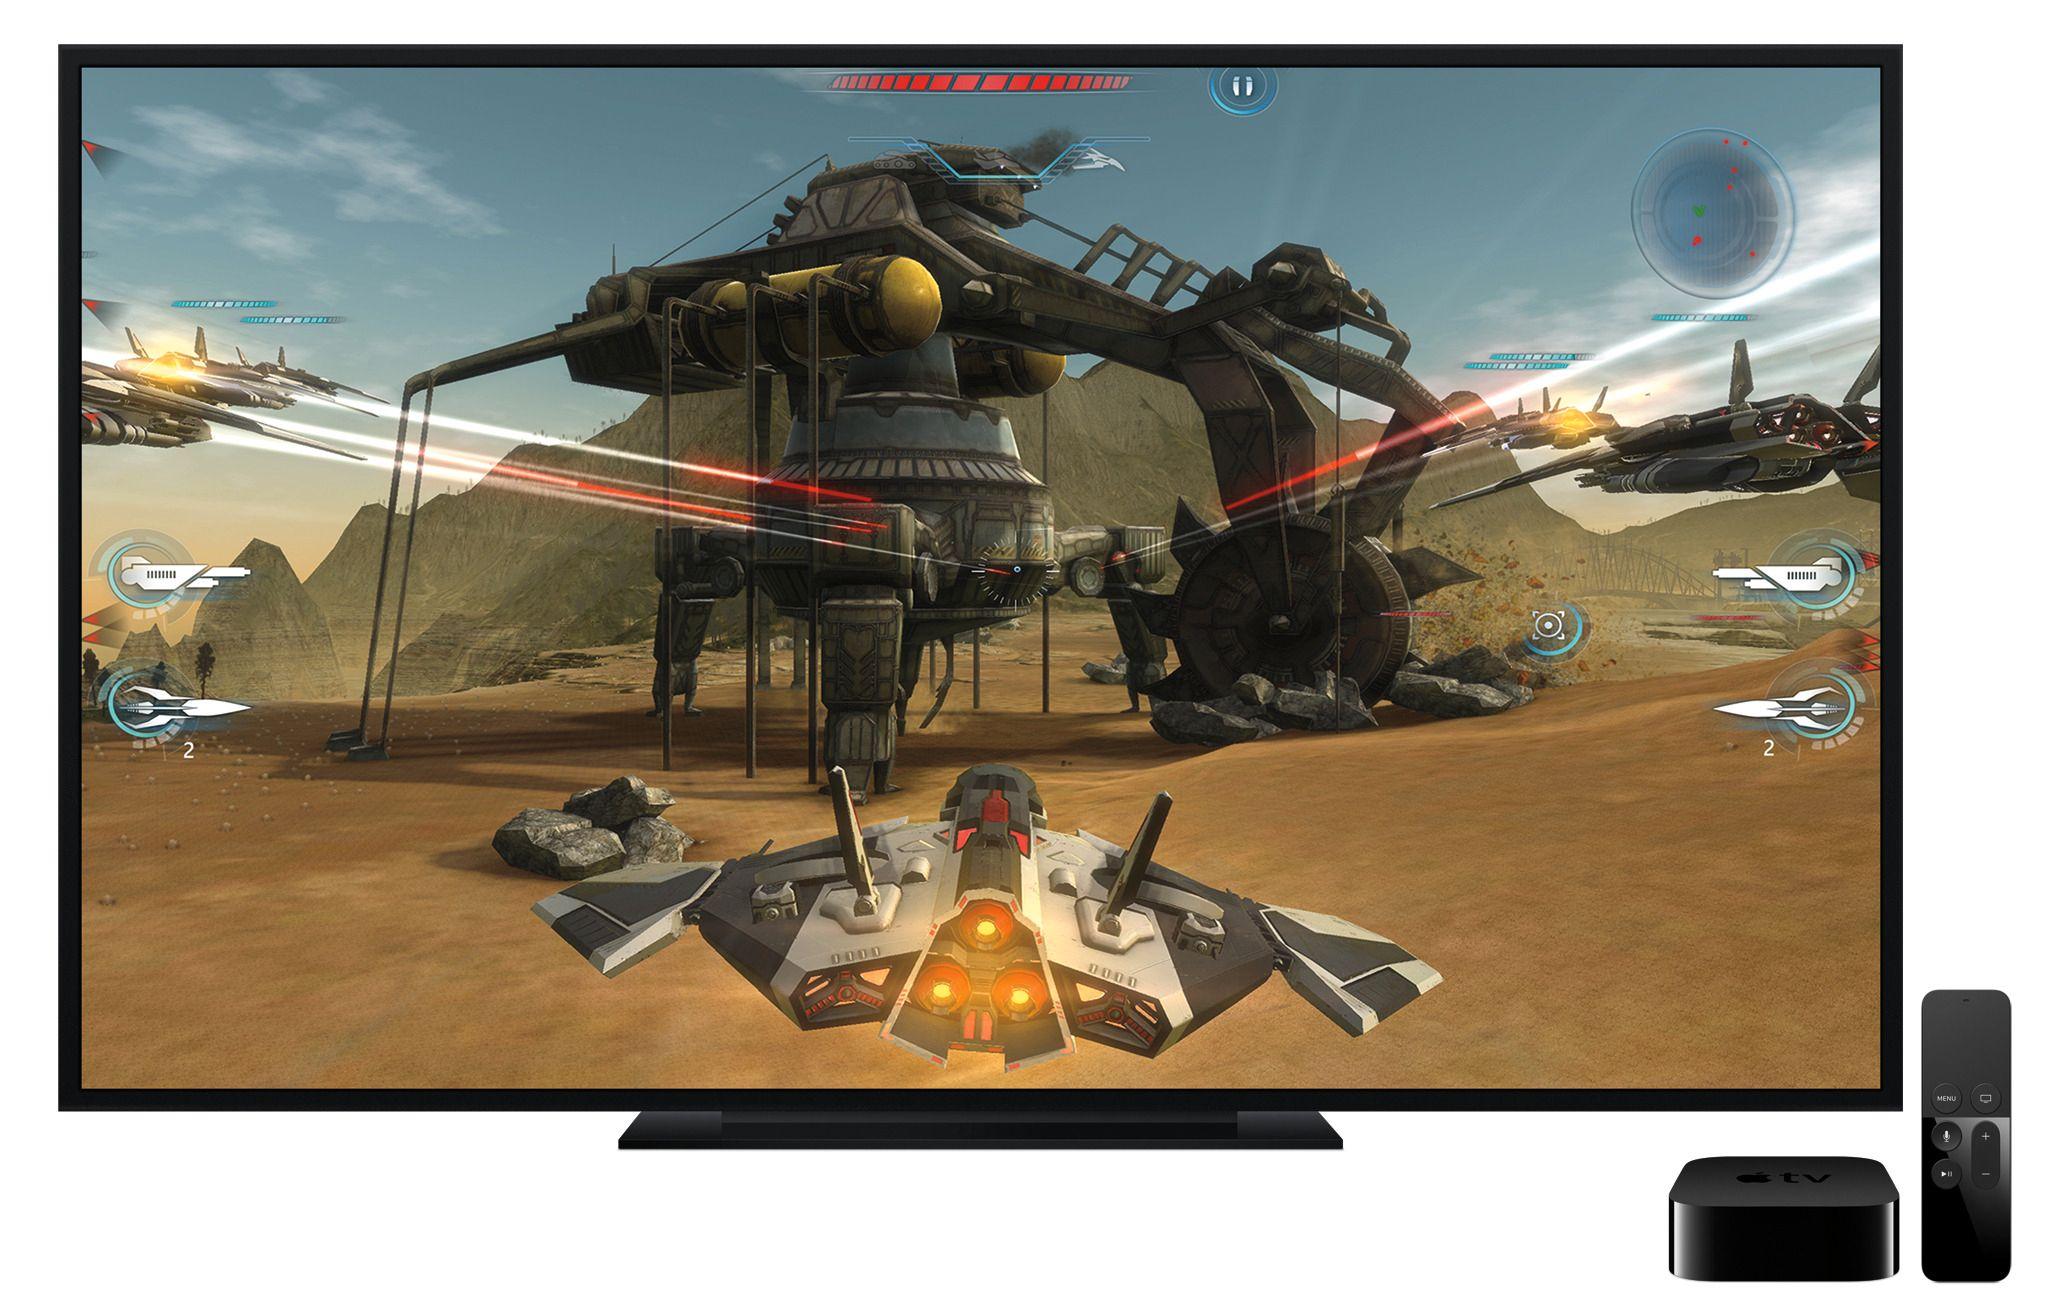 Selv om Apple viste Apple TV ved siden av en TV, kan den også gjemmes helt bort. Foto: Apple